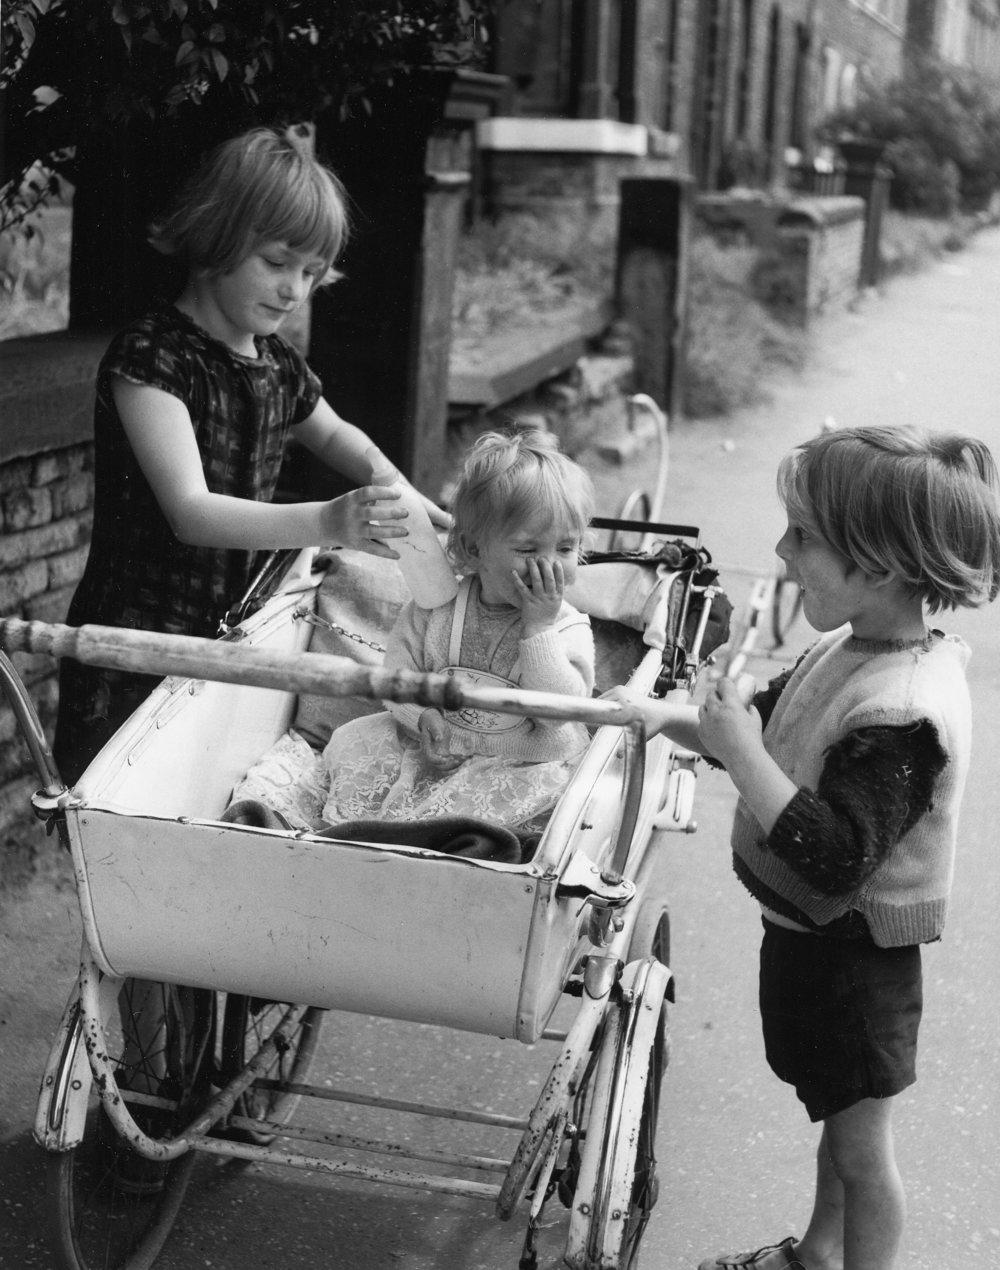 Cheetham, Mcr., 2 girls & baby, 18-68-6, (1966).jpg